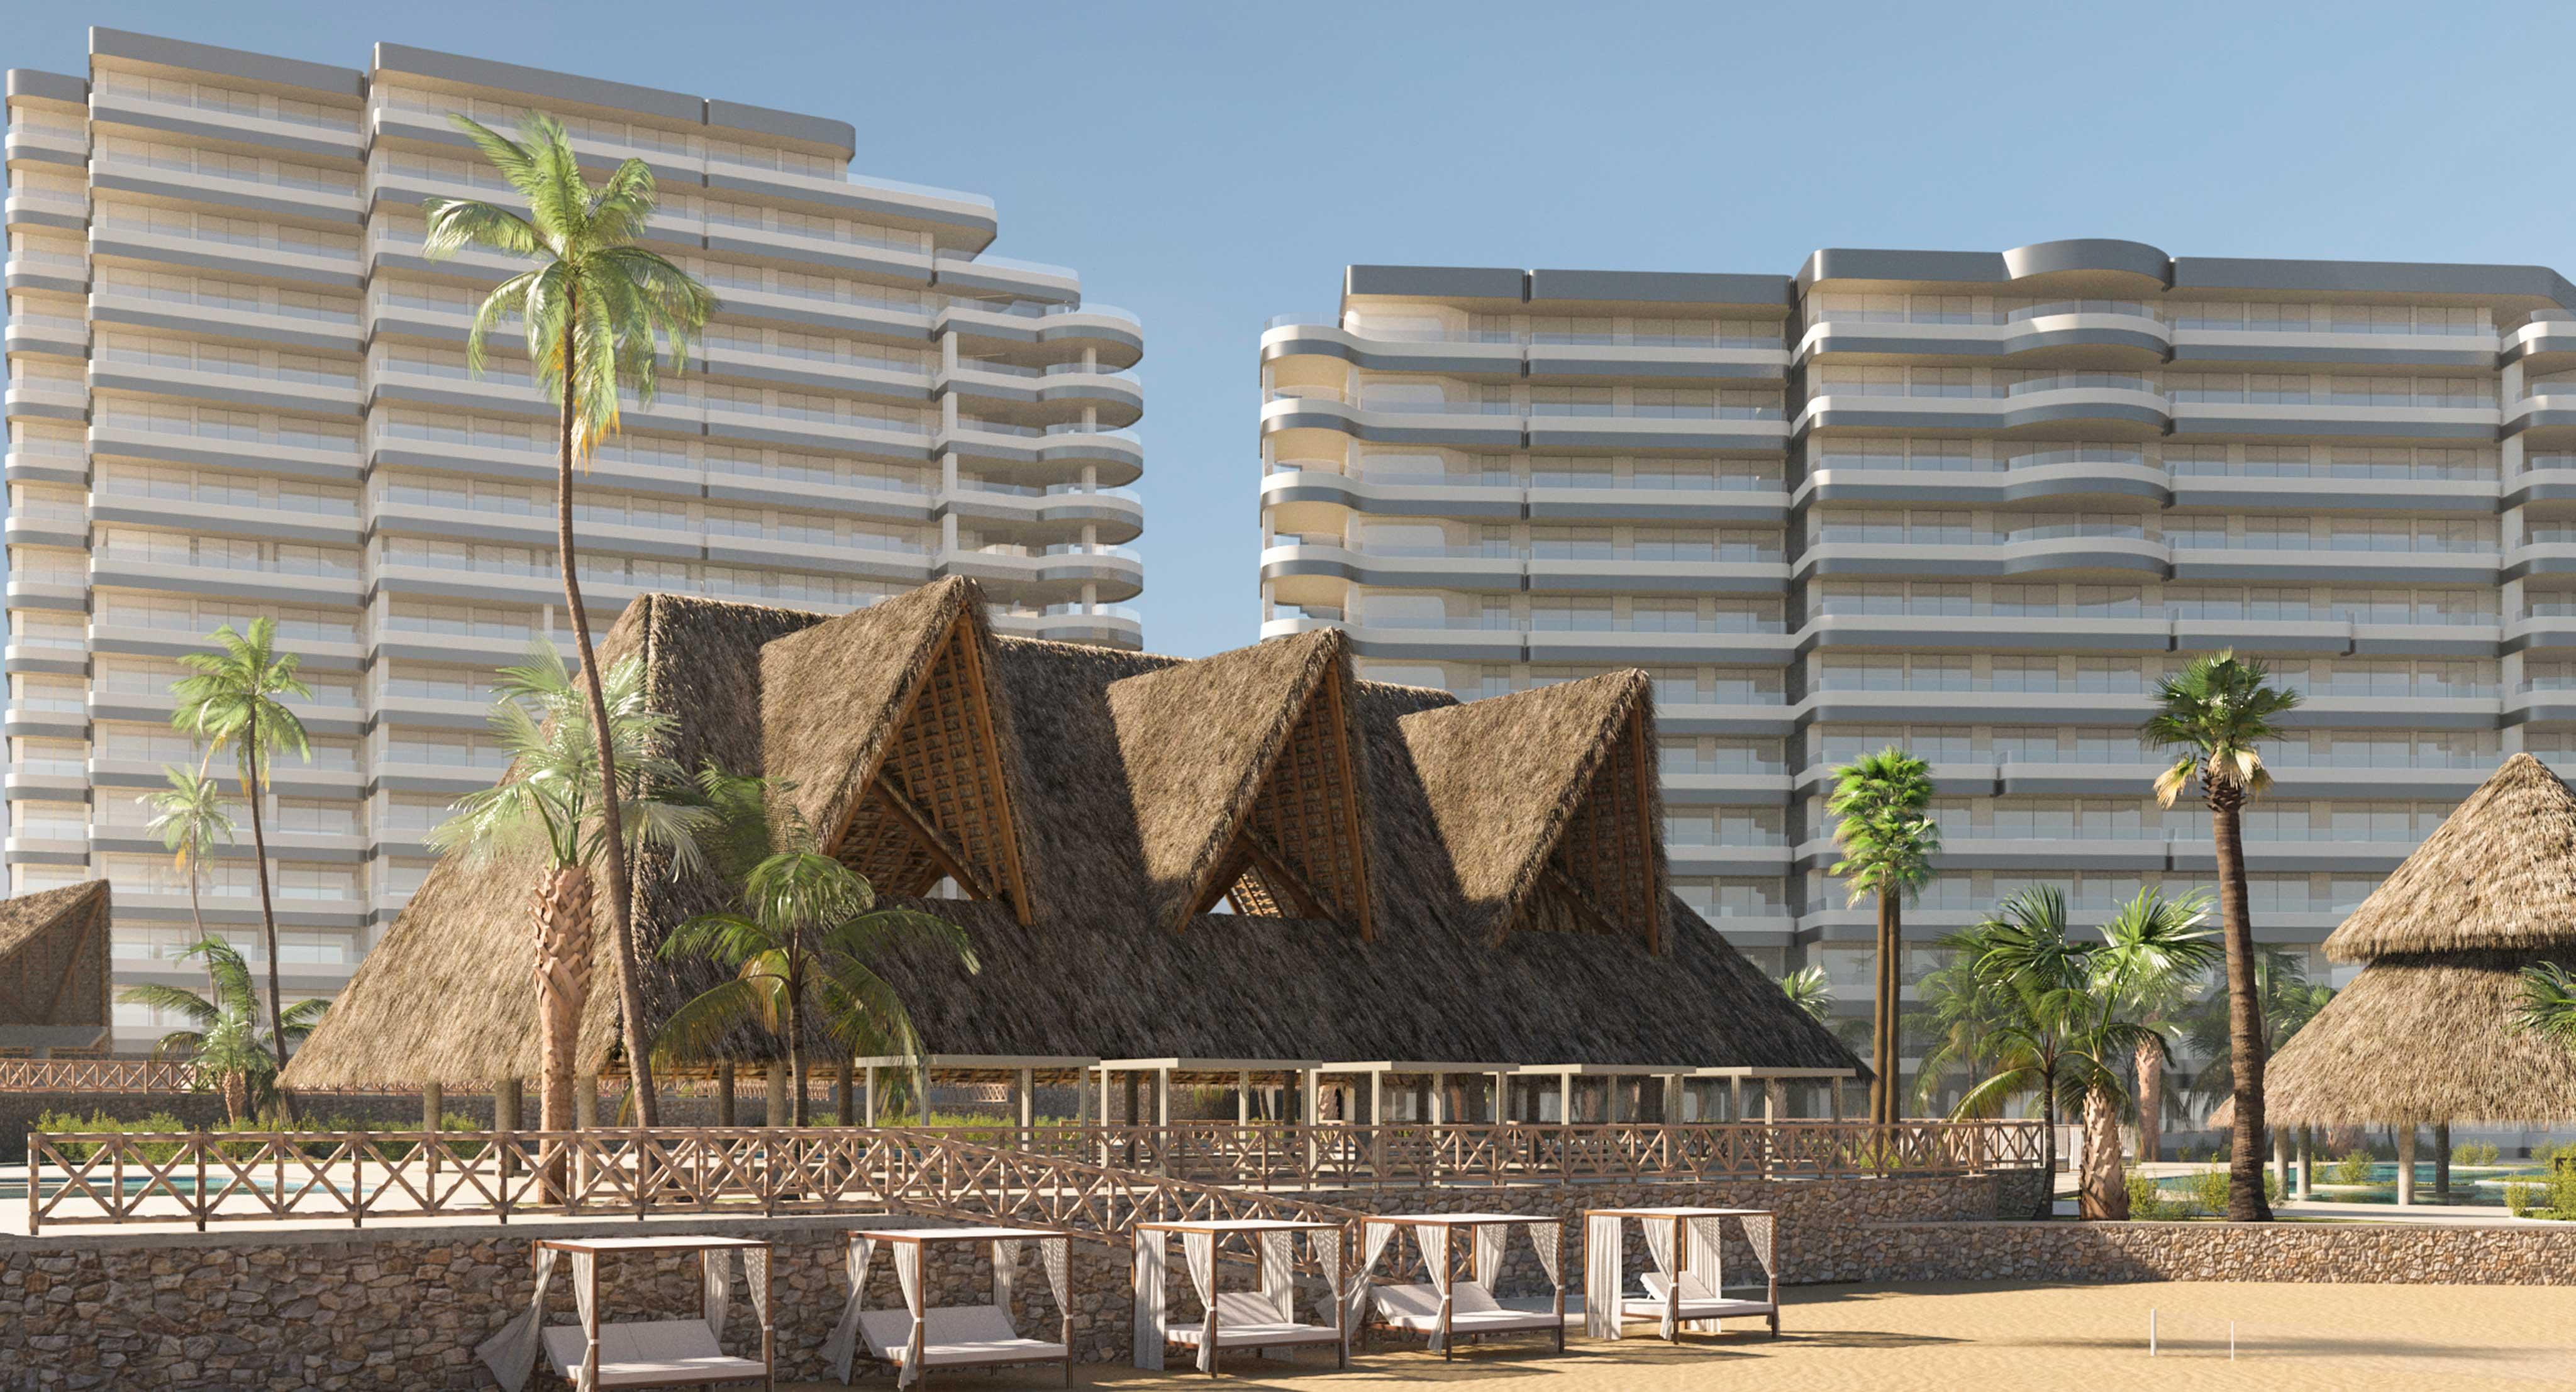 04_P Peñasco_Club de playa